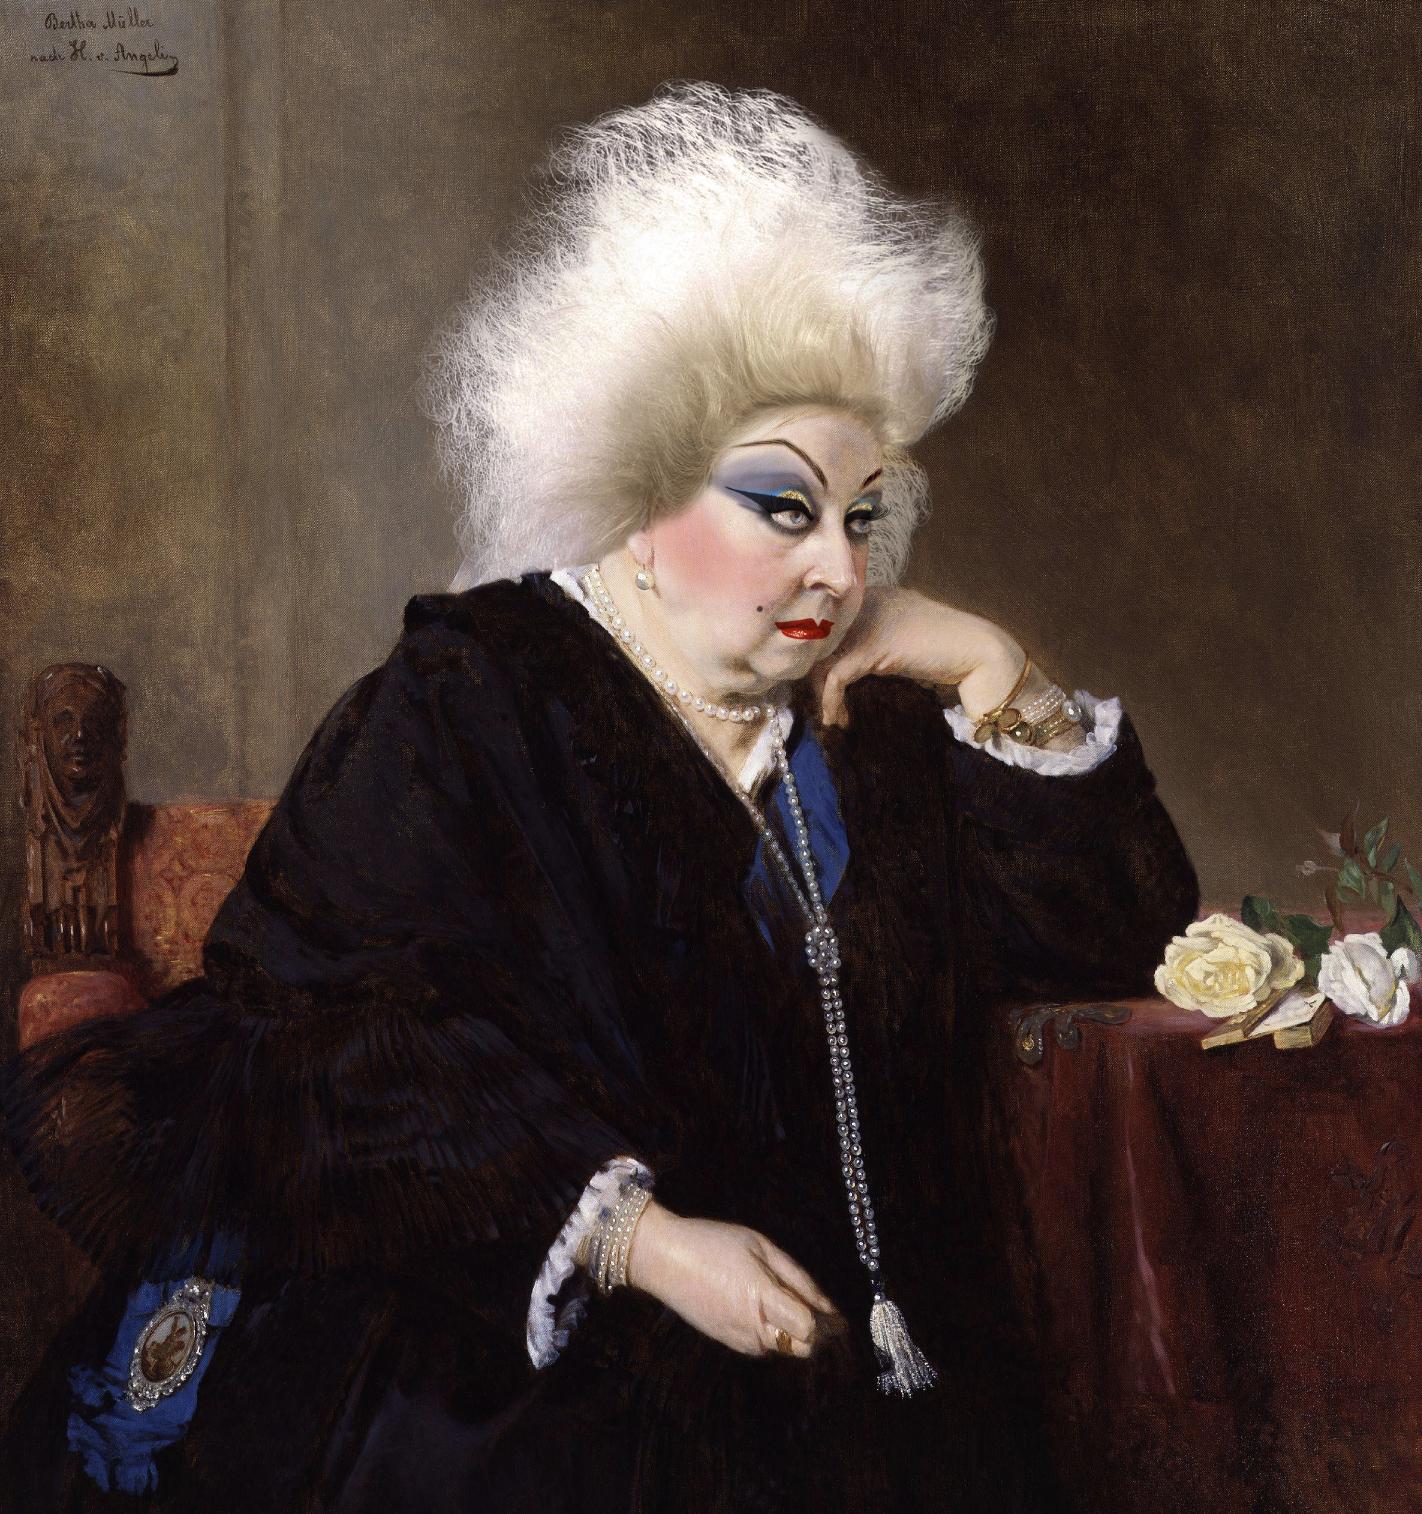 Queen Victoria x Divine by Sassicism / Harry J Bartlett